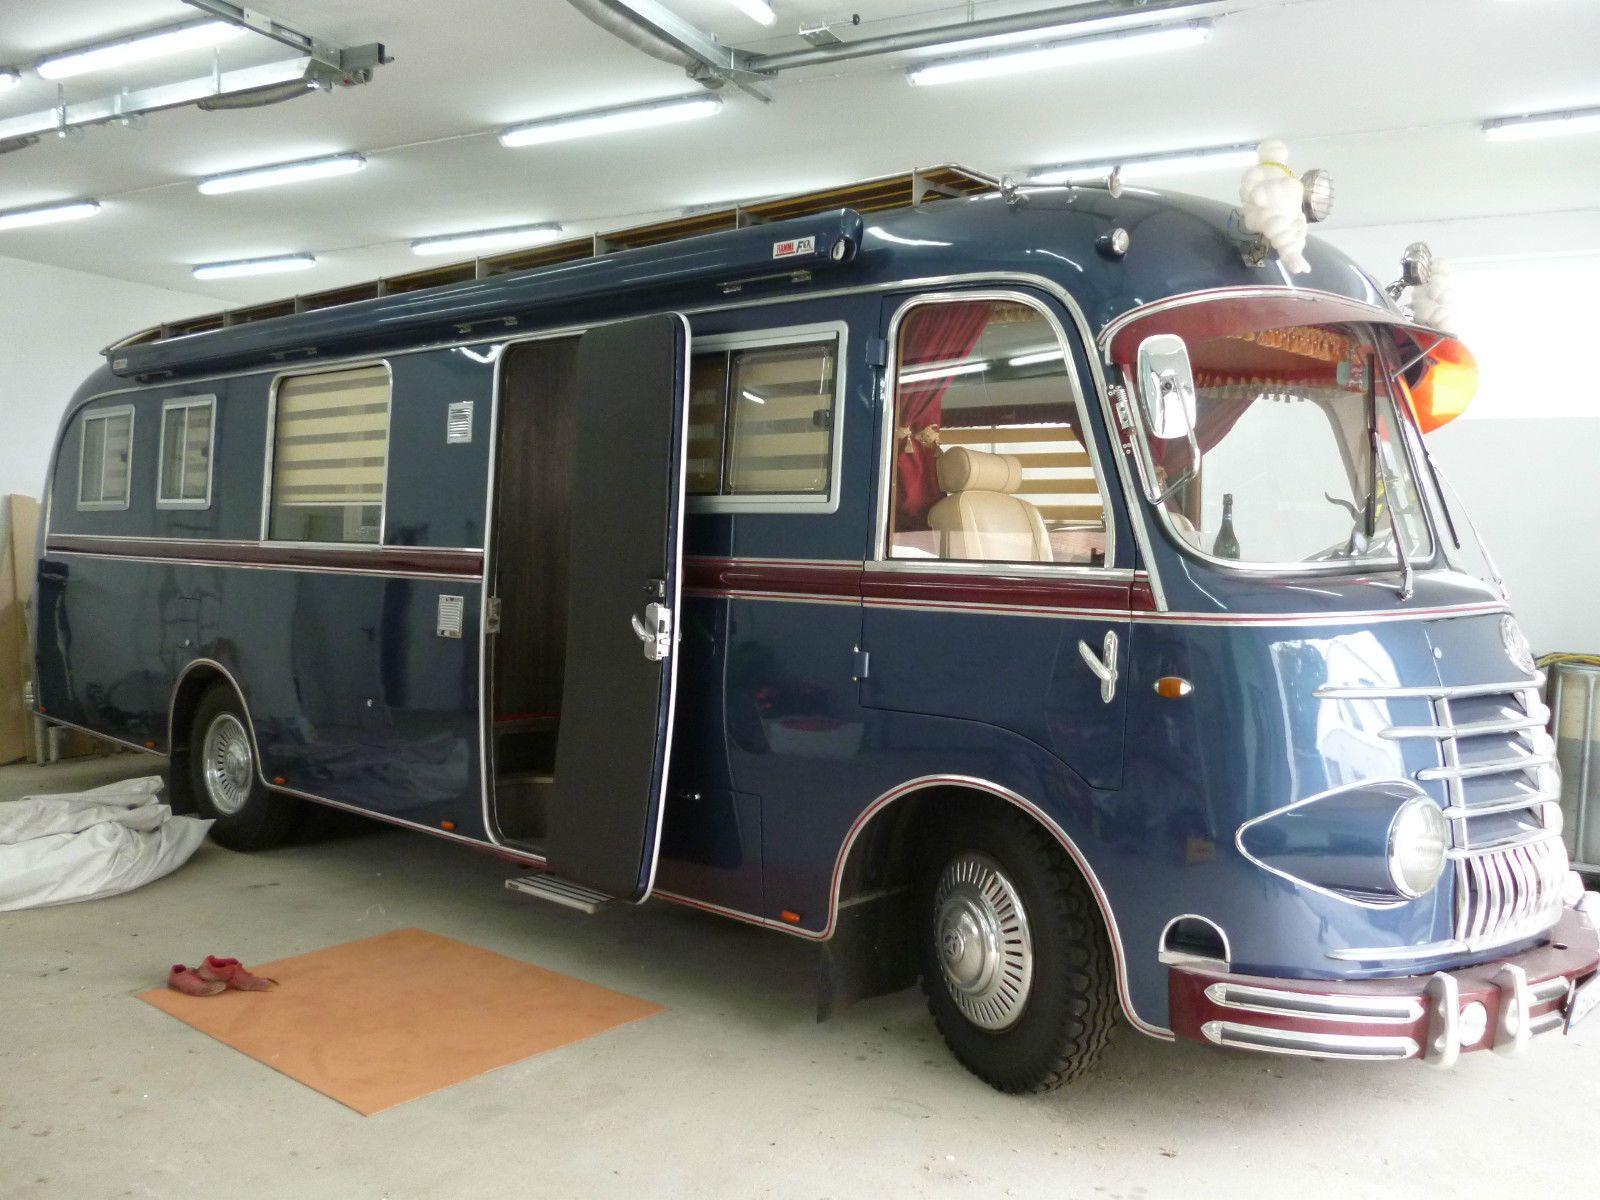 wohnmobil mercedes op311 oldtimer bj 1955 uschi obermaier. Black Bedroom Furniture Sets. Home Design Ideas